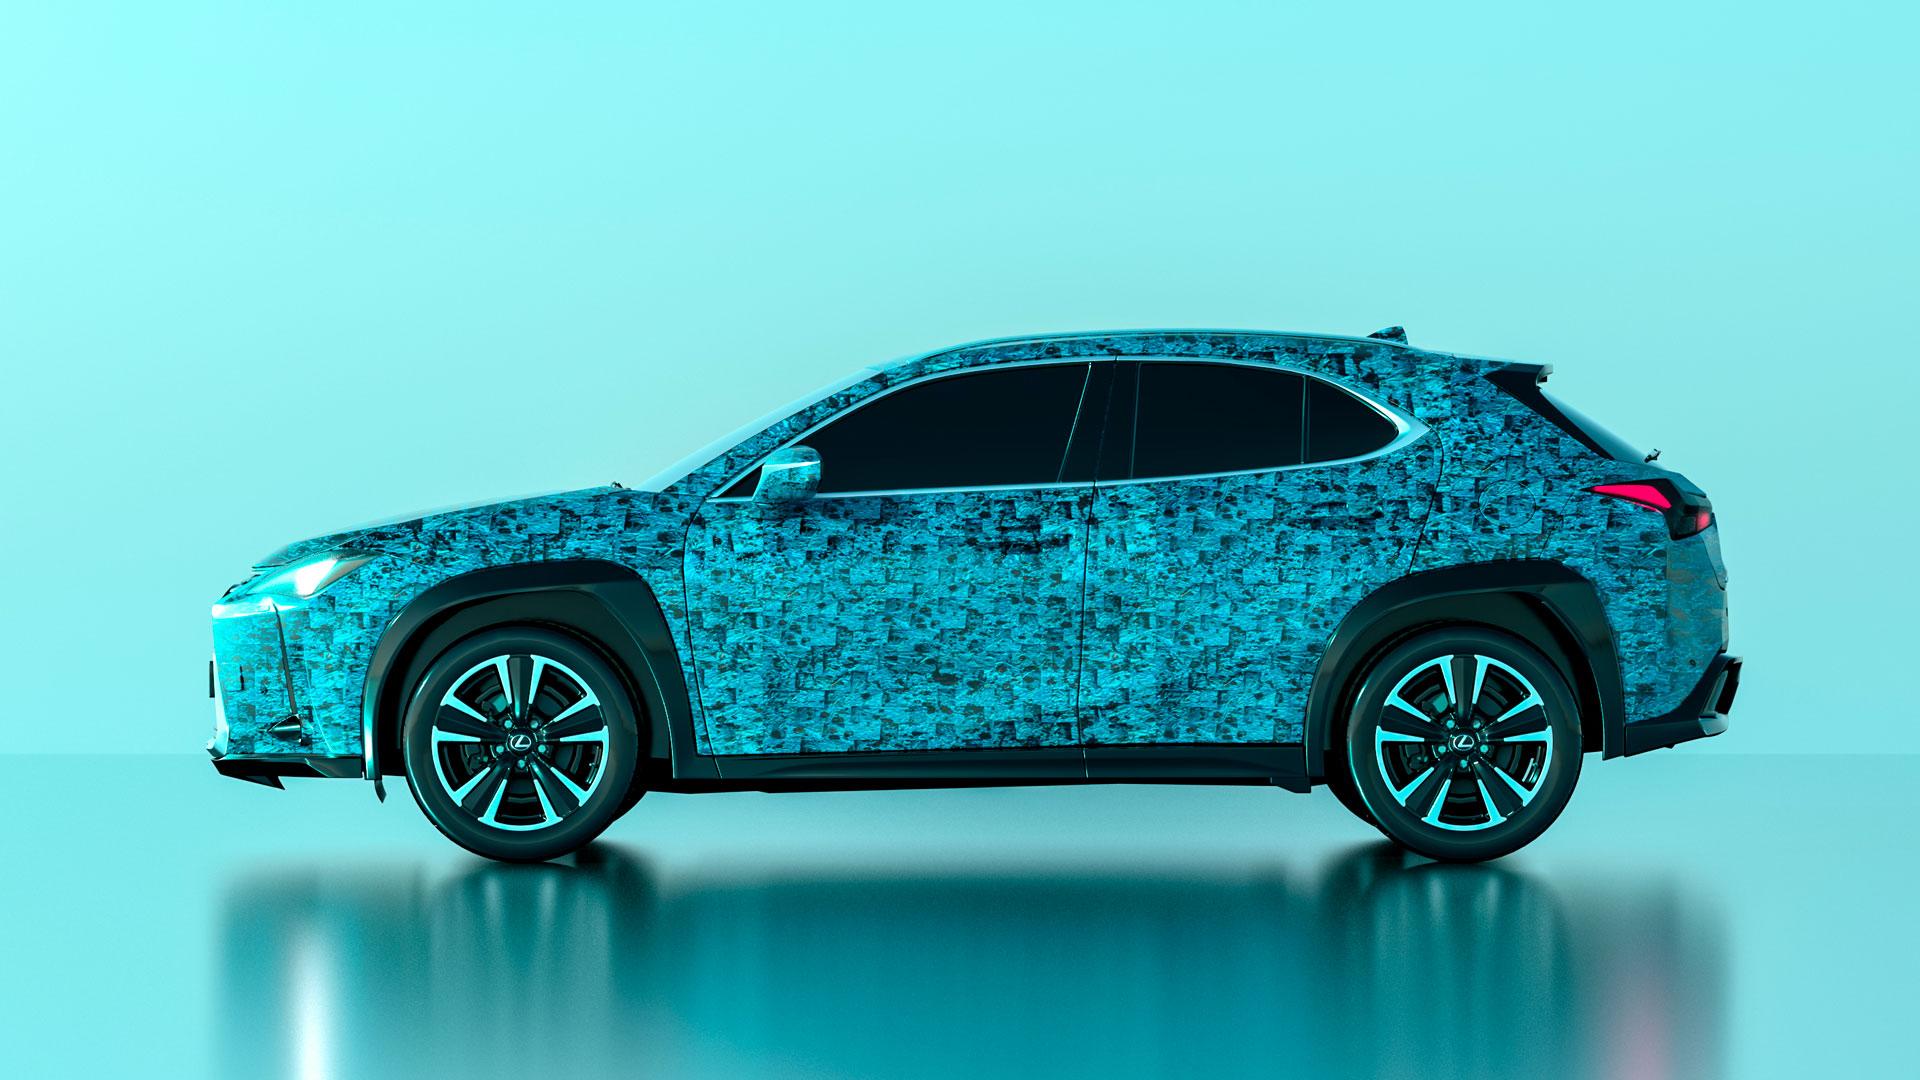 Diseño realizado por Antoñito y Manolín para el concurso Lexus UX Art Car